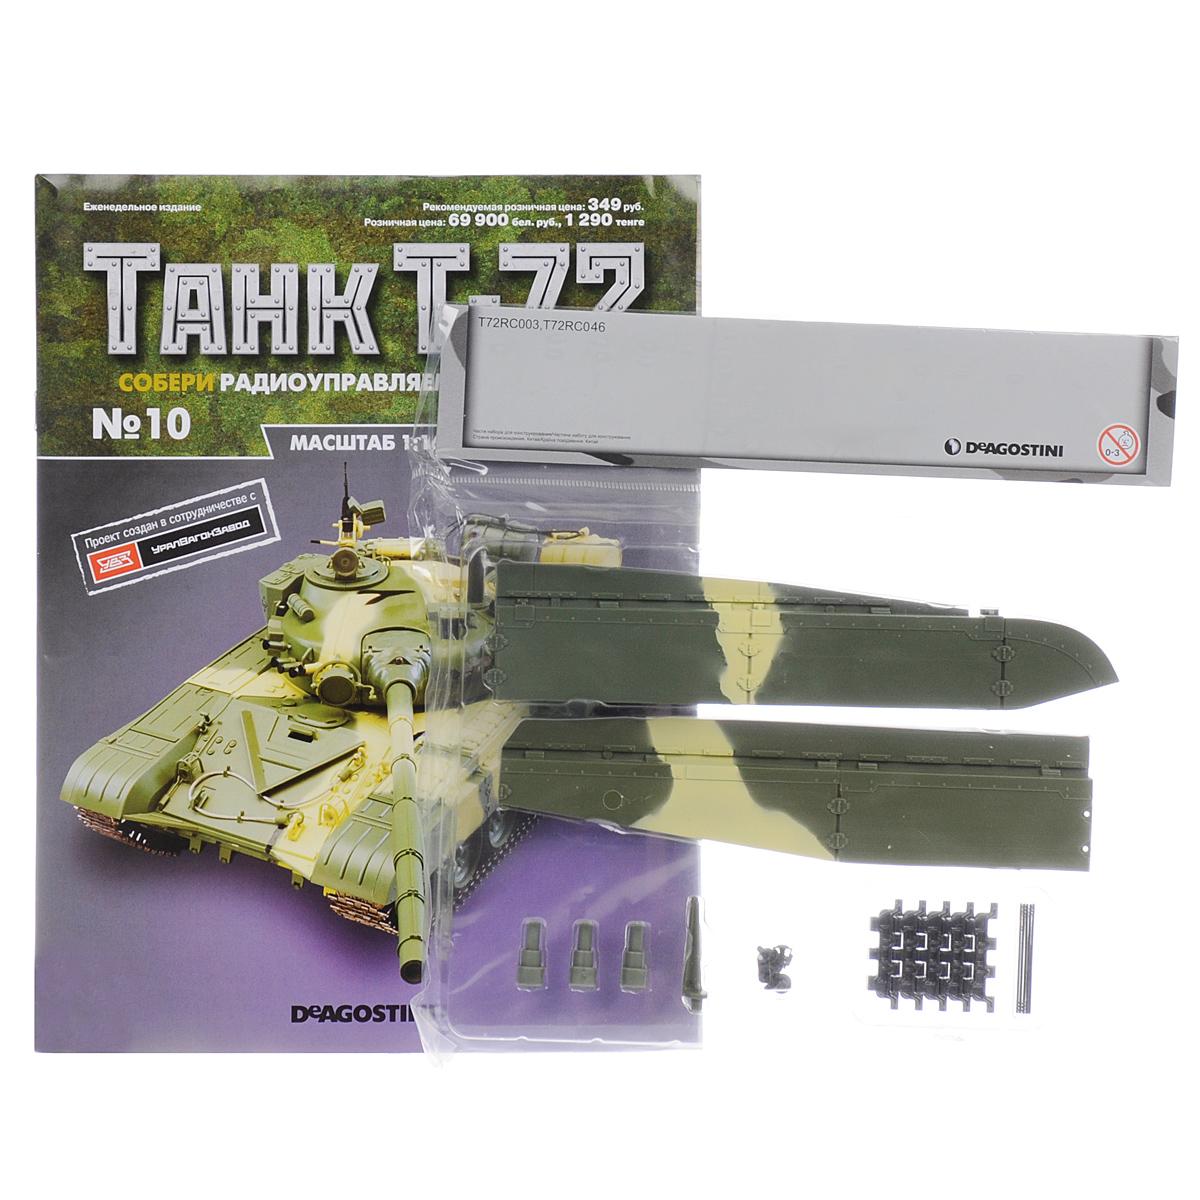 Журнал Танк Т-72 №10TRC010Издательский дом DeAgostini выпустил уникальную серию партворков Танк Т-72 с увлекательной информацией о легендарных боевых машинах и элементами для сборки копии танка Т-72 в уменьшенном варианте 1:16. У вас есть возможность собственноручно создать высококачественную модель этого знаменитого танка с достоверным воспроизведением всех элементов, сохранением функций подлинной боевой машины и дистанционным управлением. Получите удовольствие от пошаговой сборки этой замечательной модели с журнальной серией Танк Т-72 компании ДеАгостини! В комплект входят бортовые щитки, катки, кронштейн. Категория 16+.